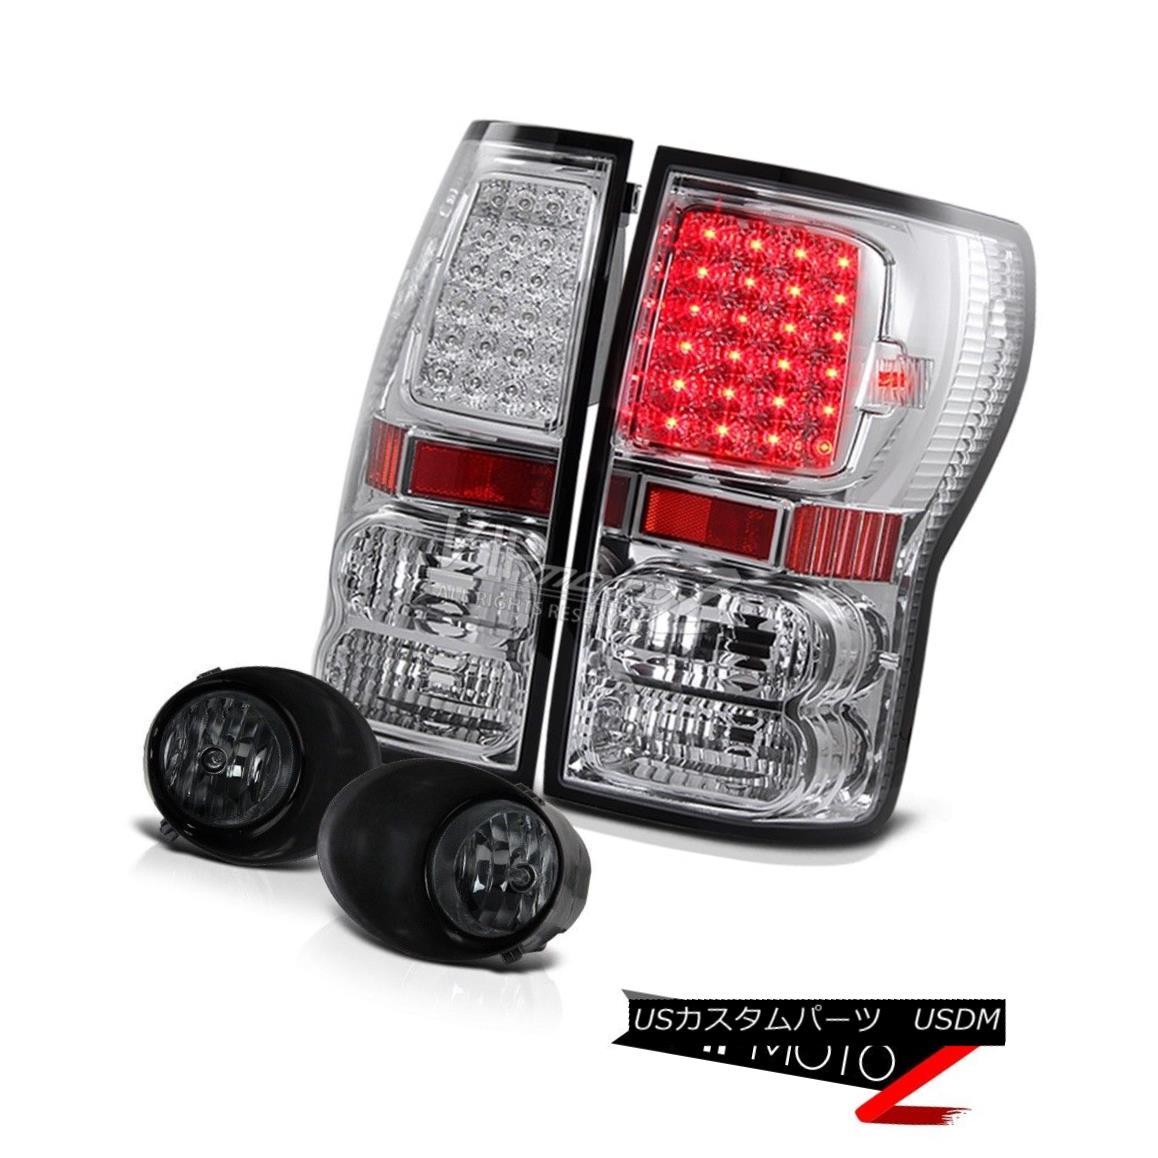 テールライト 07-13 Tundra Chrome Crystal Led Brake Lamp TailLight+Front Bumper Smoke Fog lamp 07-13トンドラクロームクリスタルLedブレーキランプTailLight + Fron tバンパースモークフォグランプ